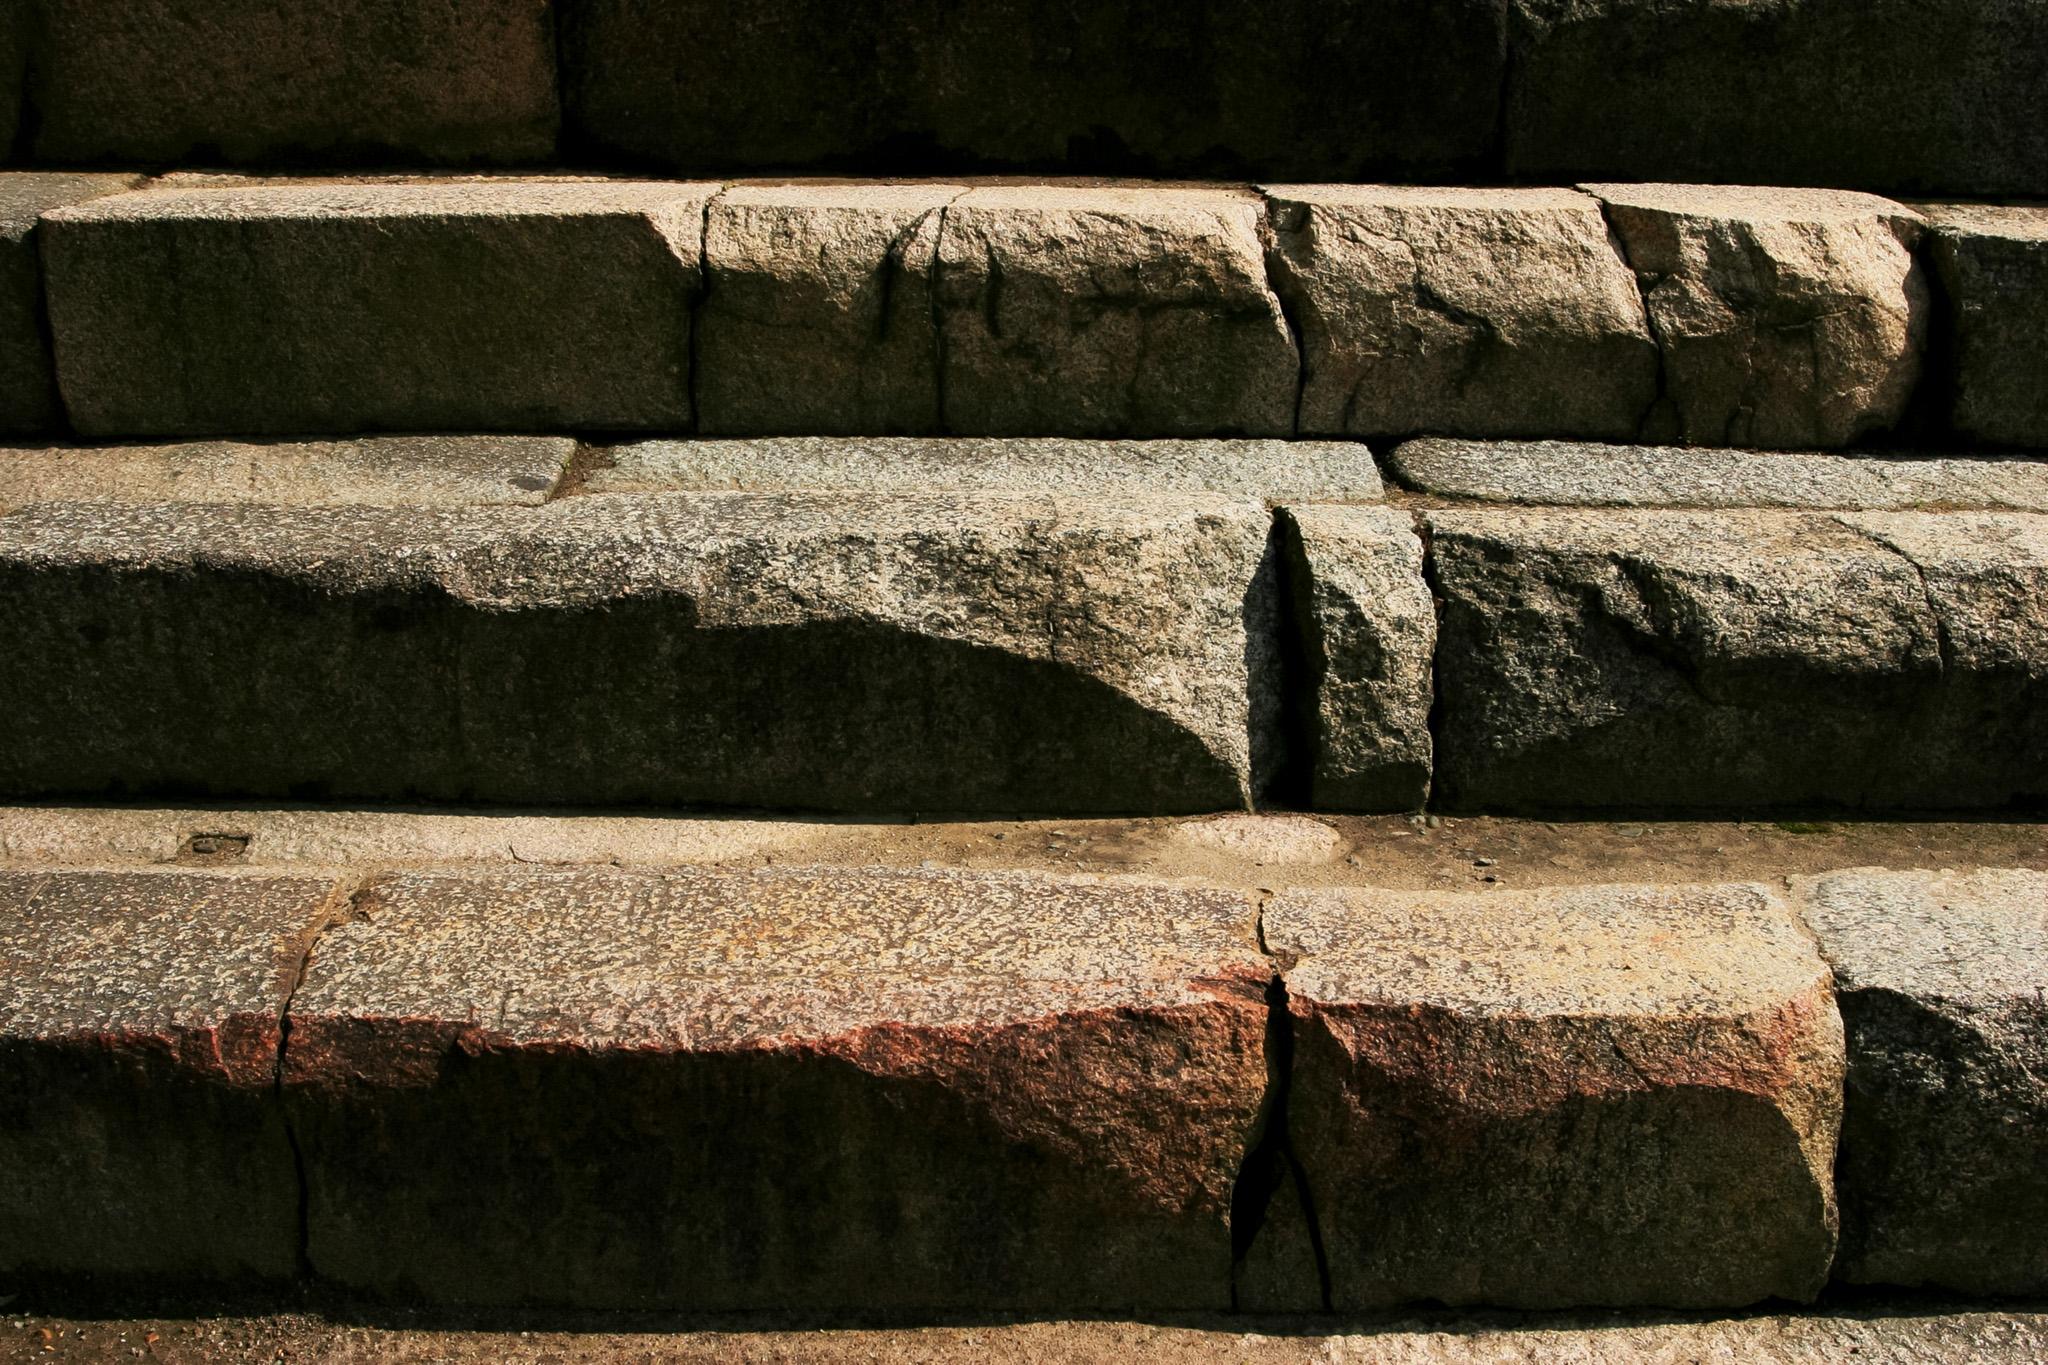 「大きな石で作られた石段」のテクスチャを無料ダウンロード